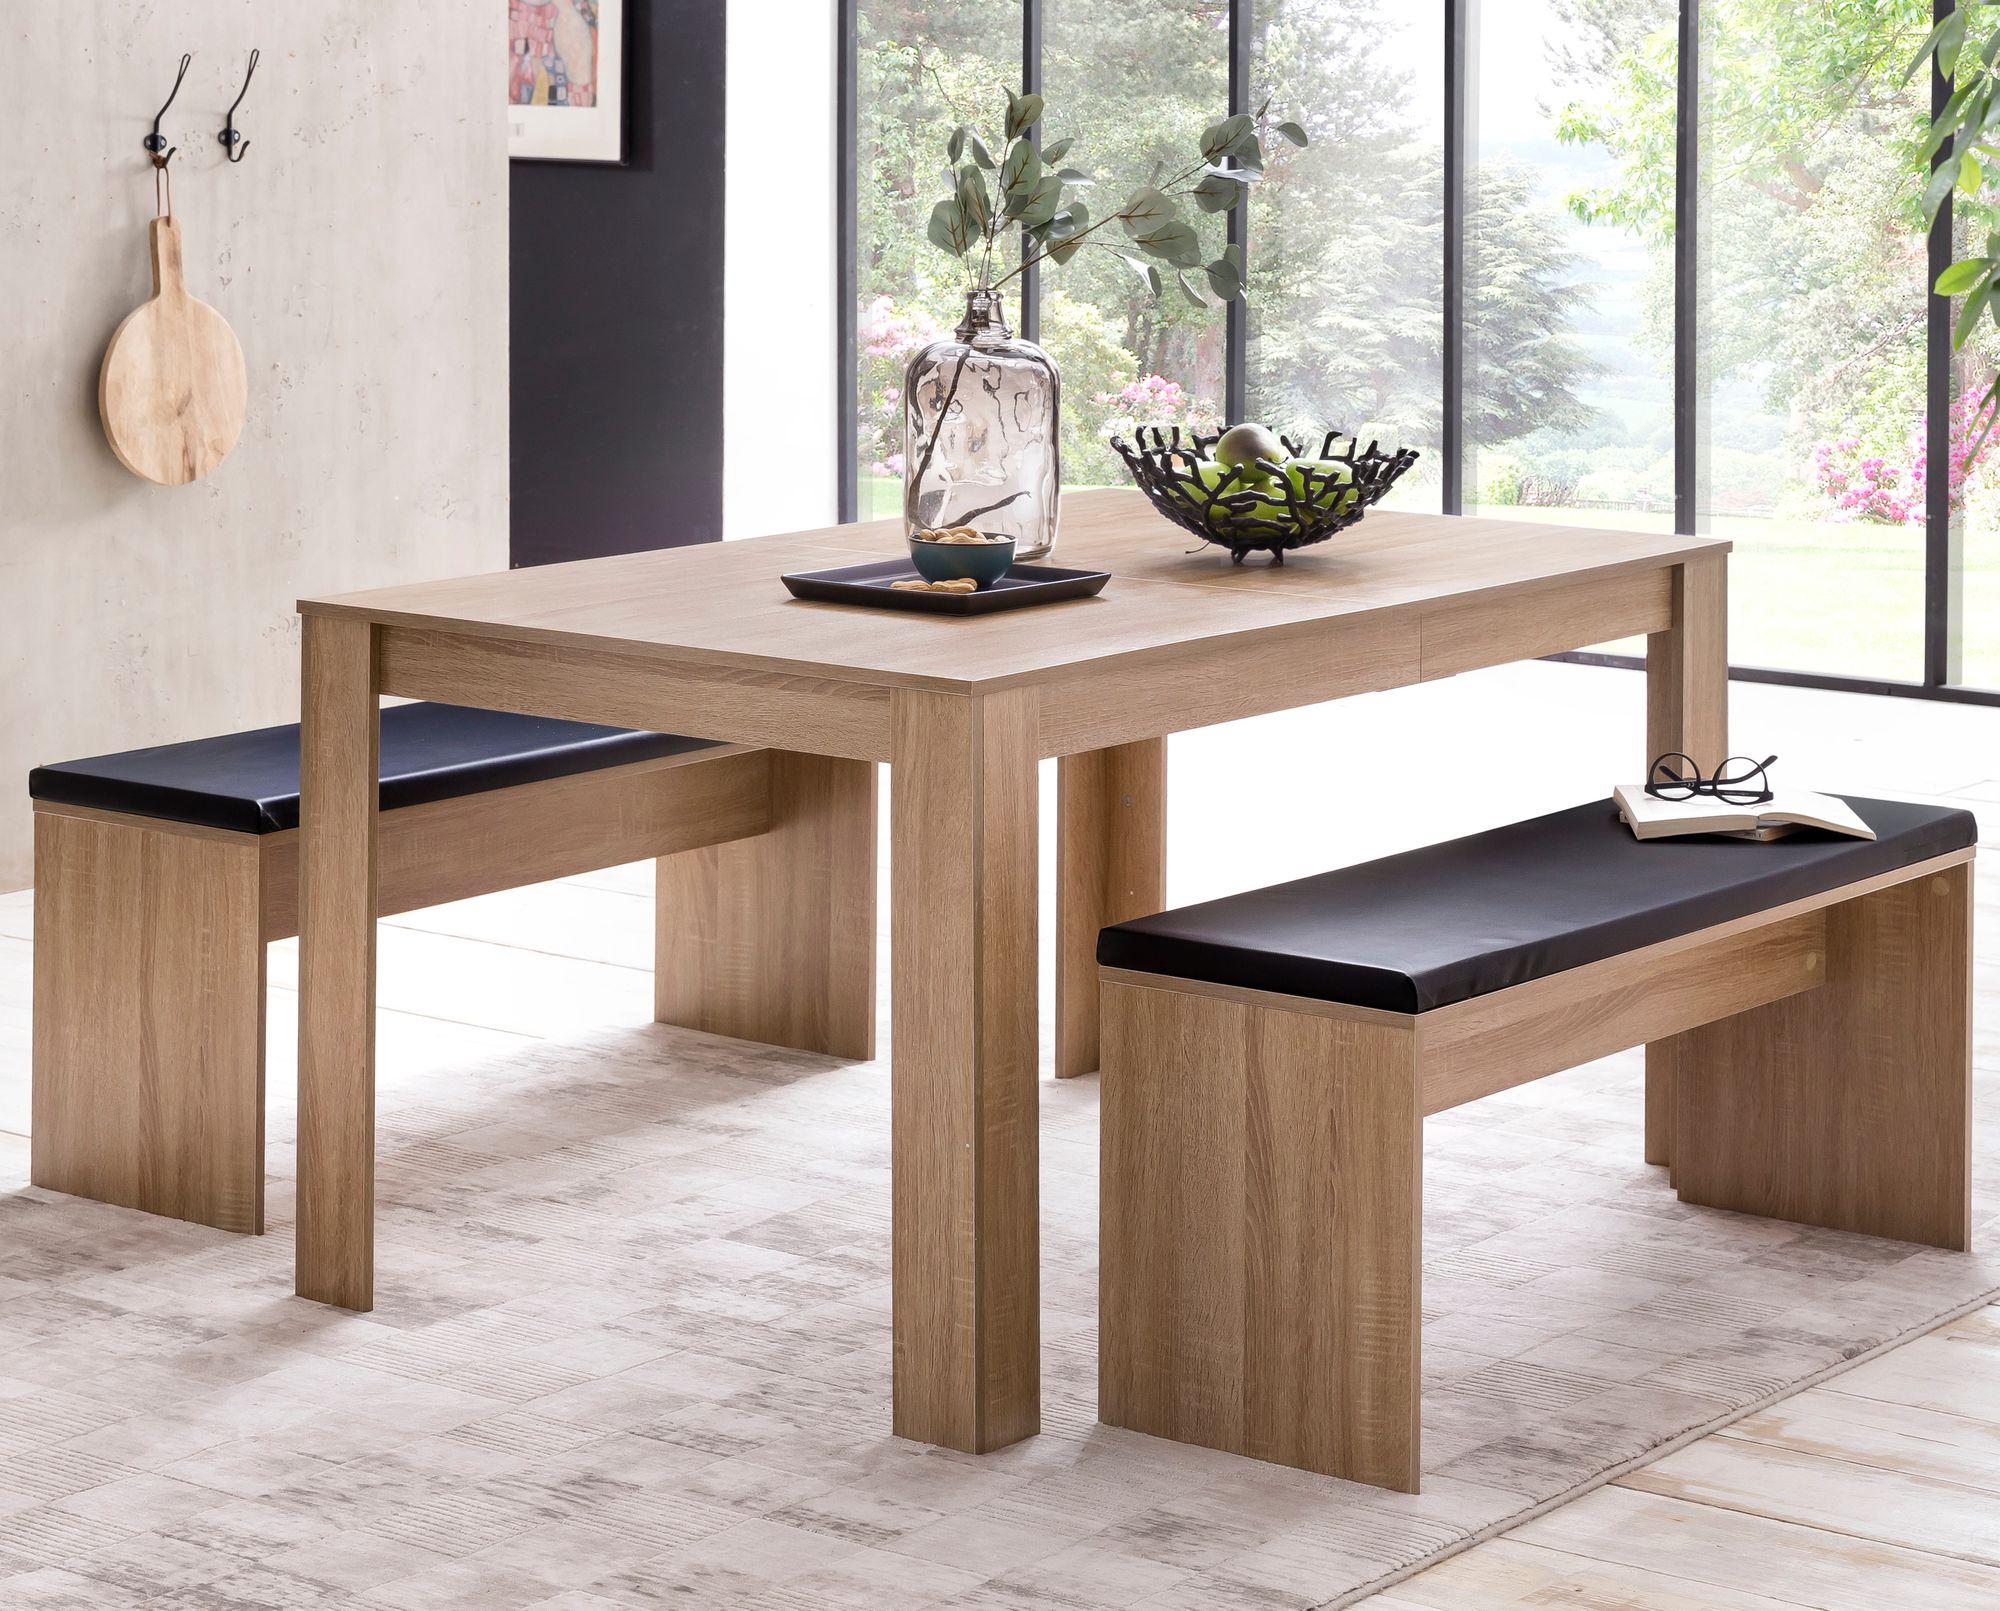 Wohnling Esszimmer Set Sonoma Eiche Esstisch Mit 2 Banken Holz